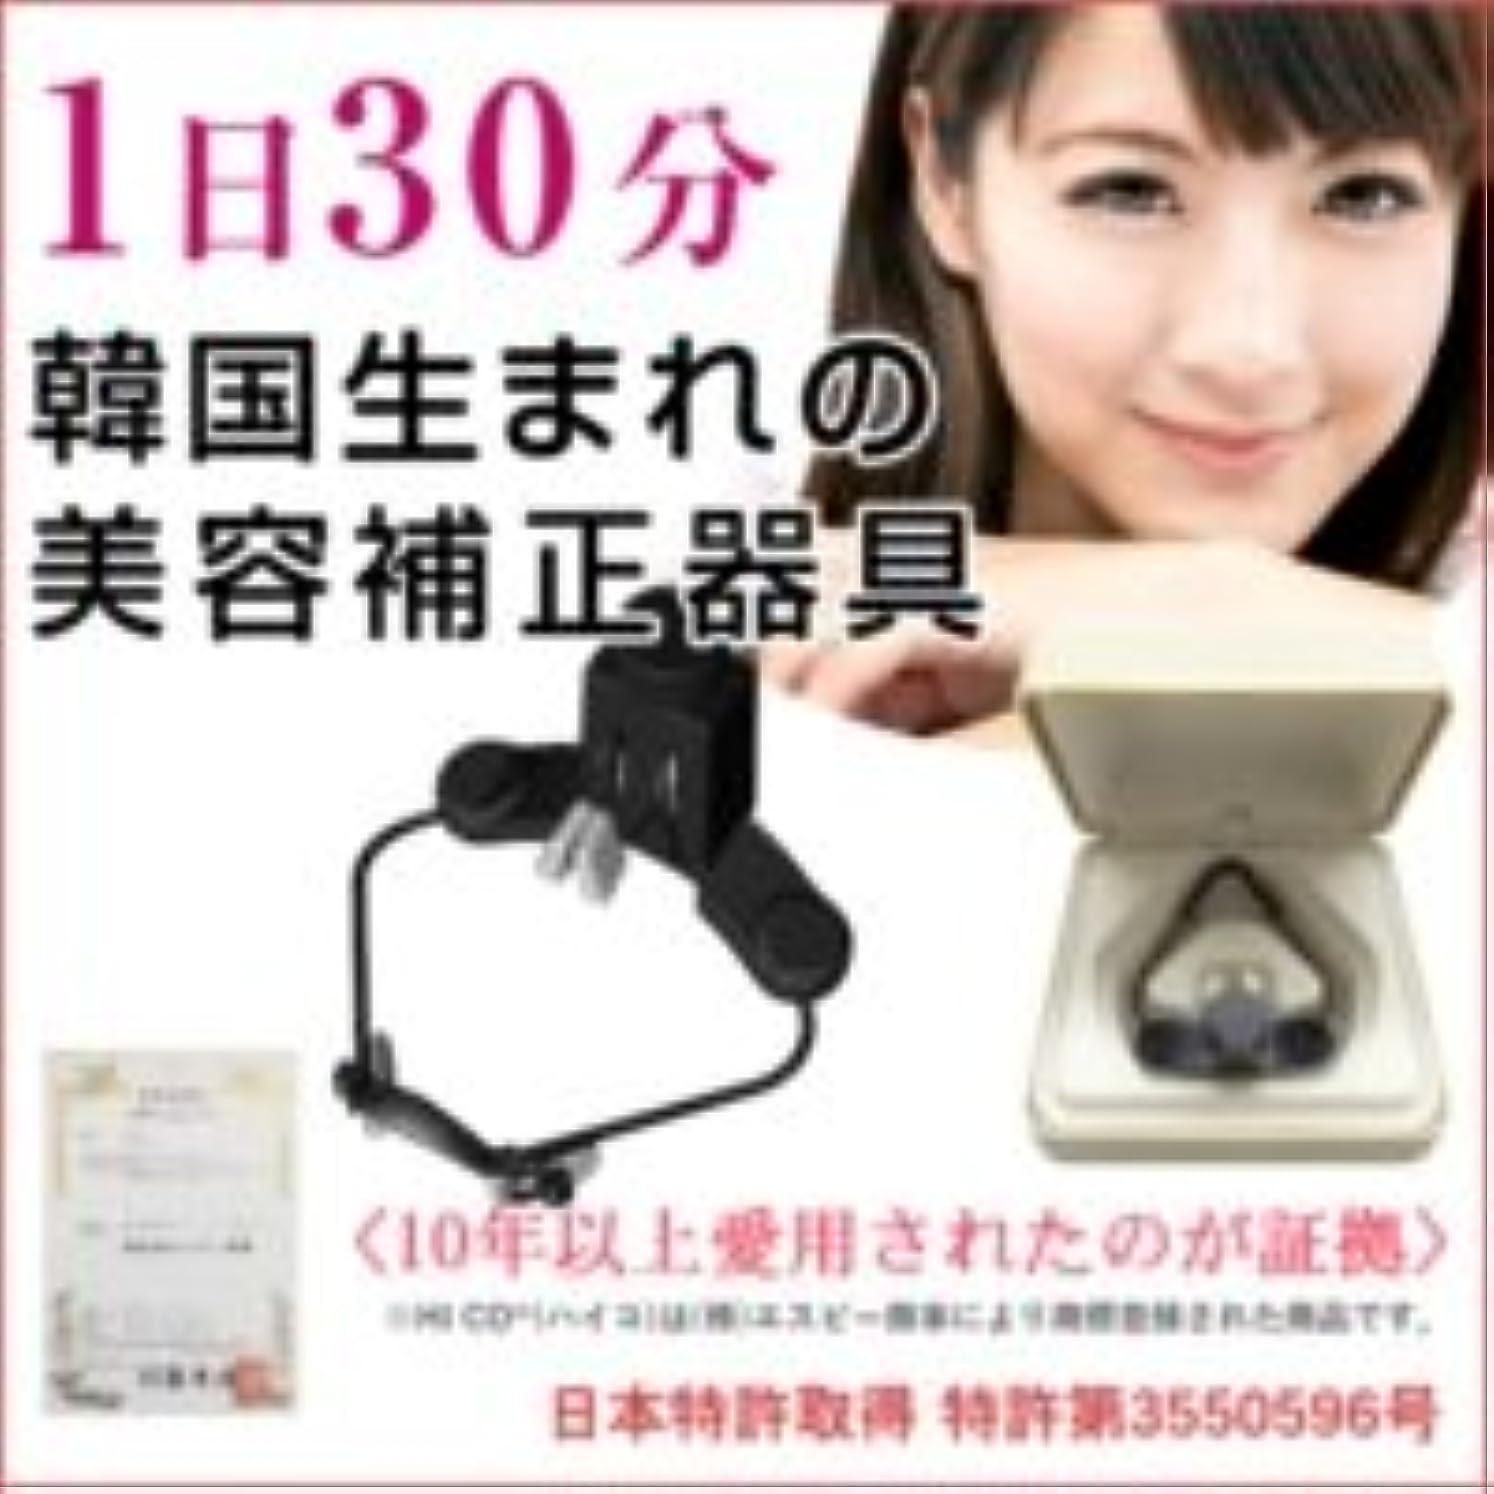 このピグマリオンアッティカスHICO 美鼻補正器具